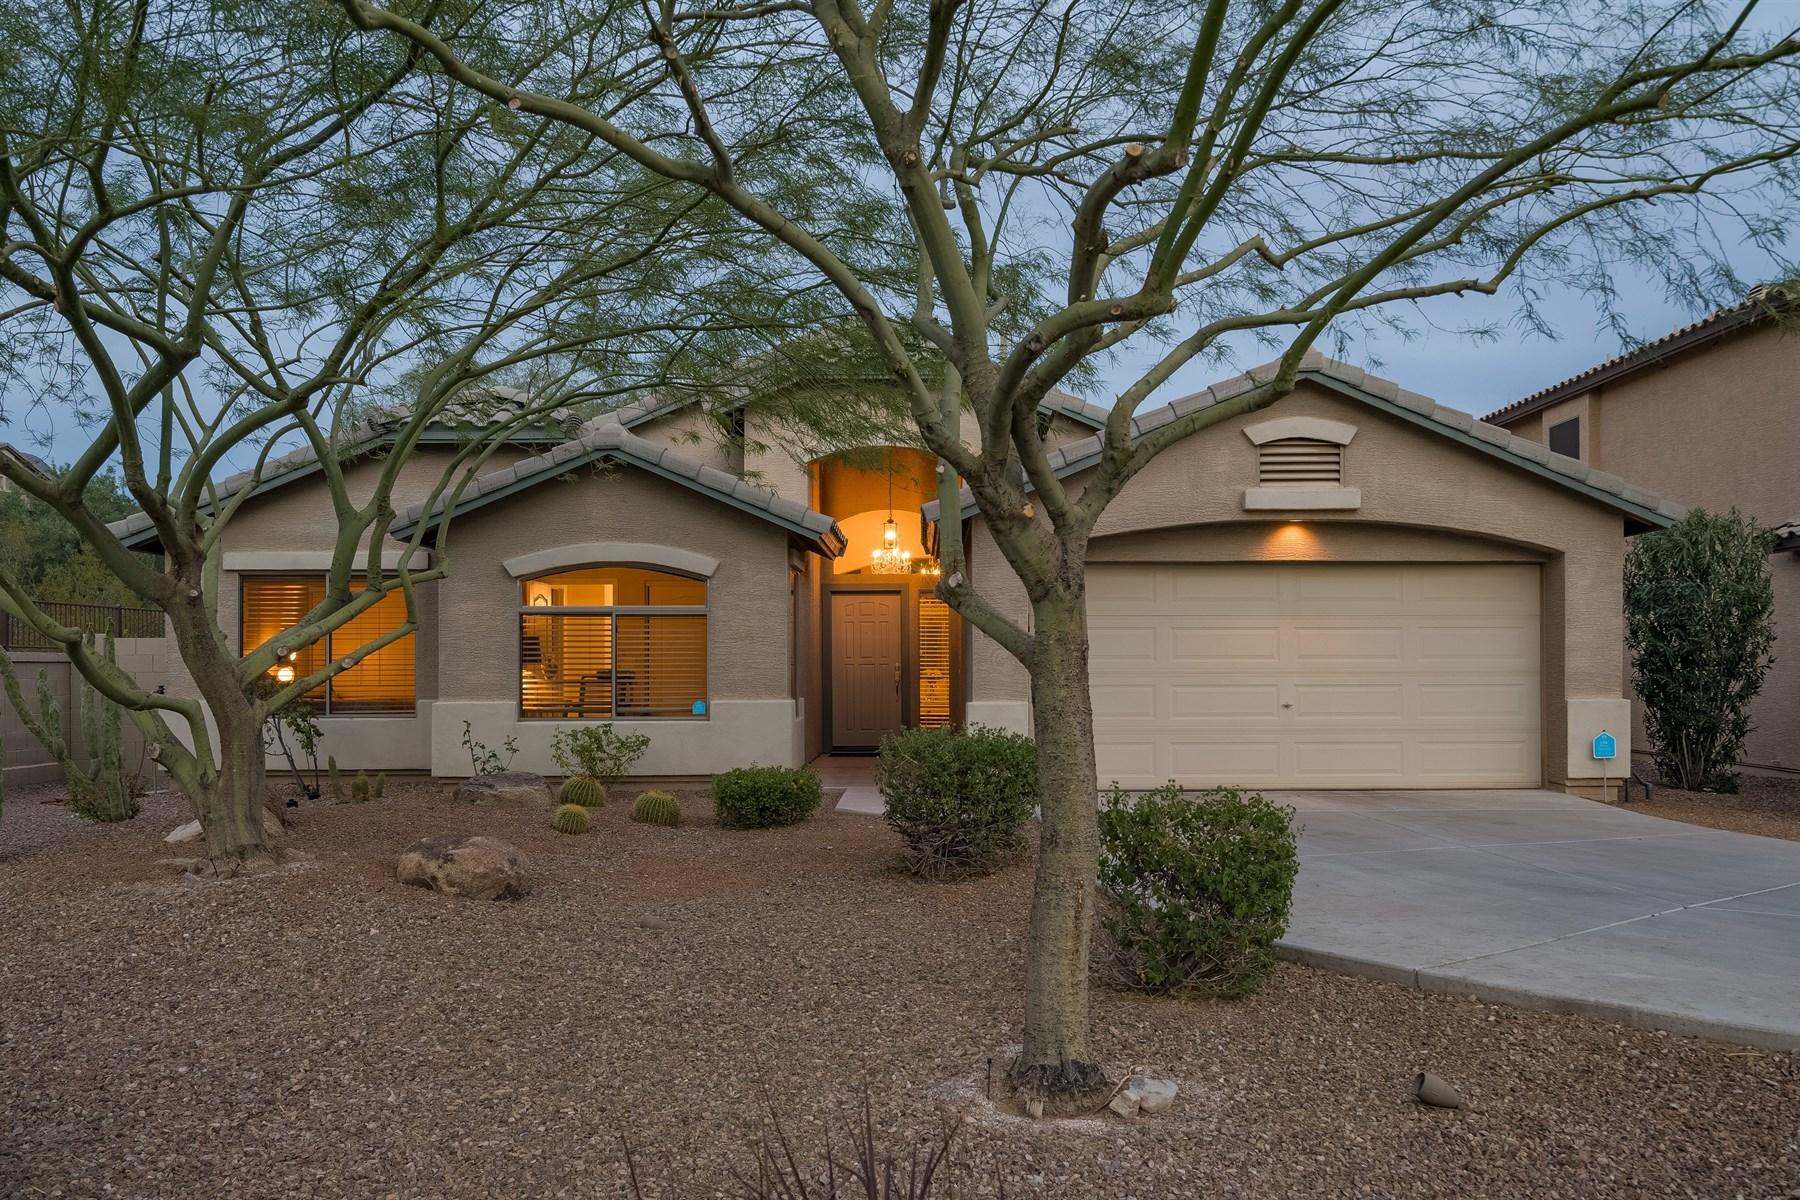 独户住宅 为 销售 在 Immaculate Gated cul-de-sac Scottsdale home 16283 N 99th Way 斯科茨代尔, 亚利桑那州, 85260 美国